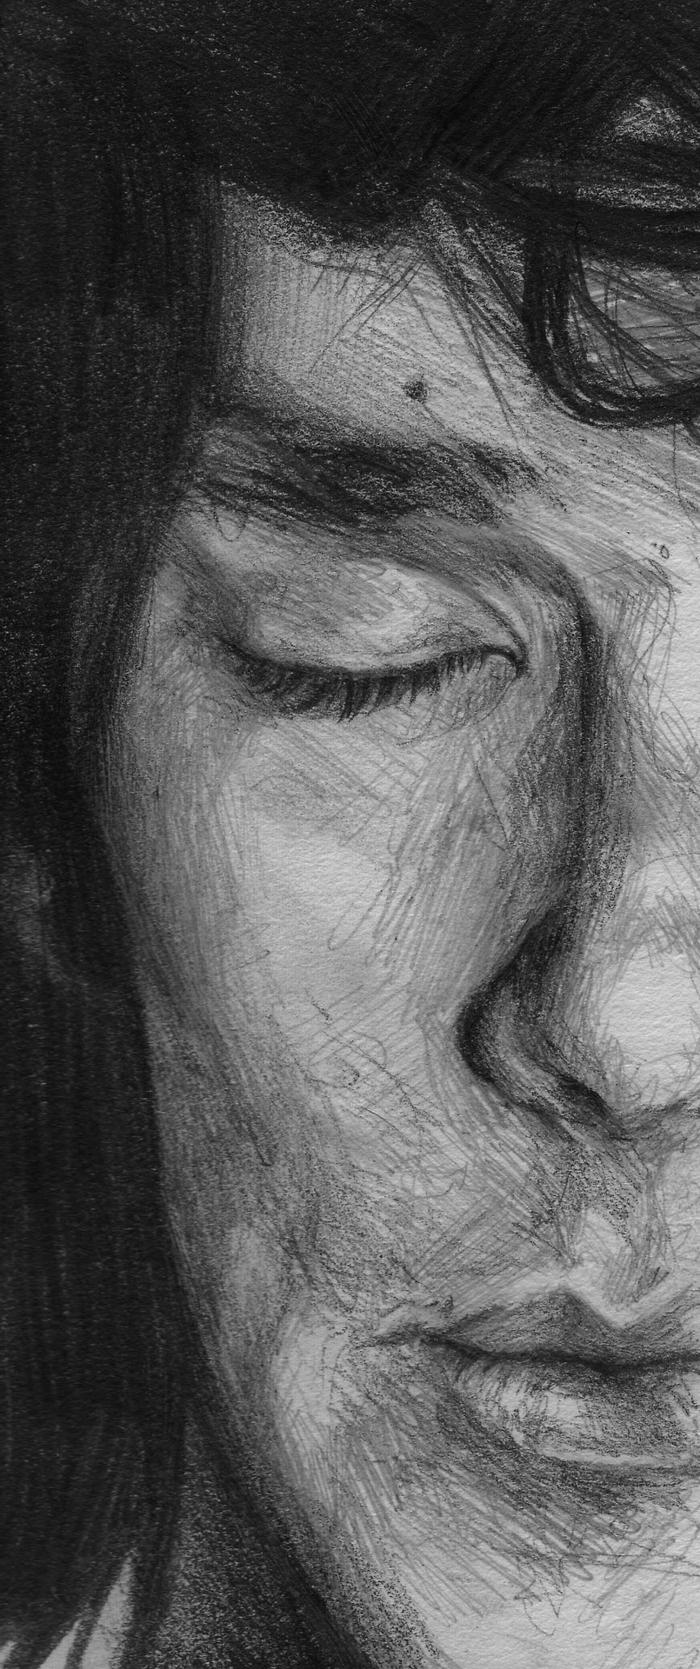 Tableau dessin noir et blanc dessin crayon blanc sur papier noir Benedict Cumberbadge dessin noir et blanc